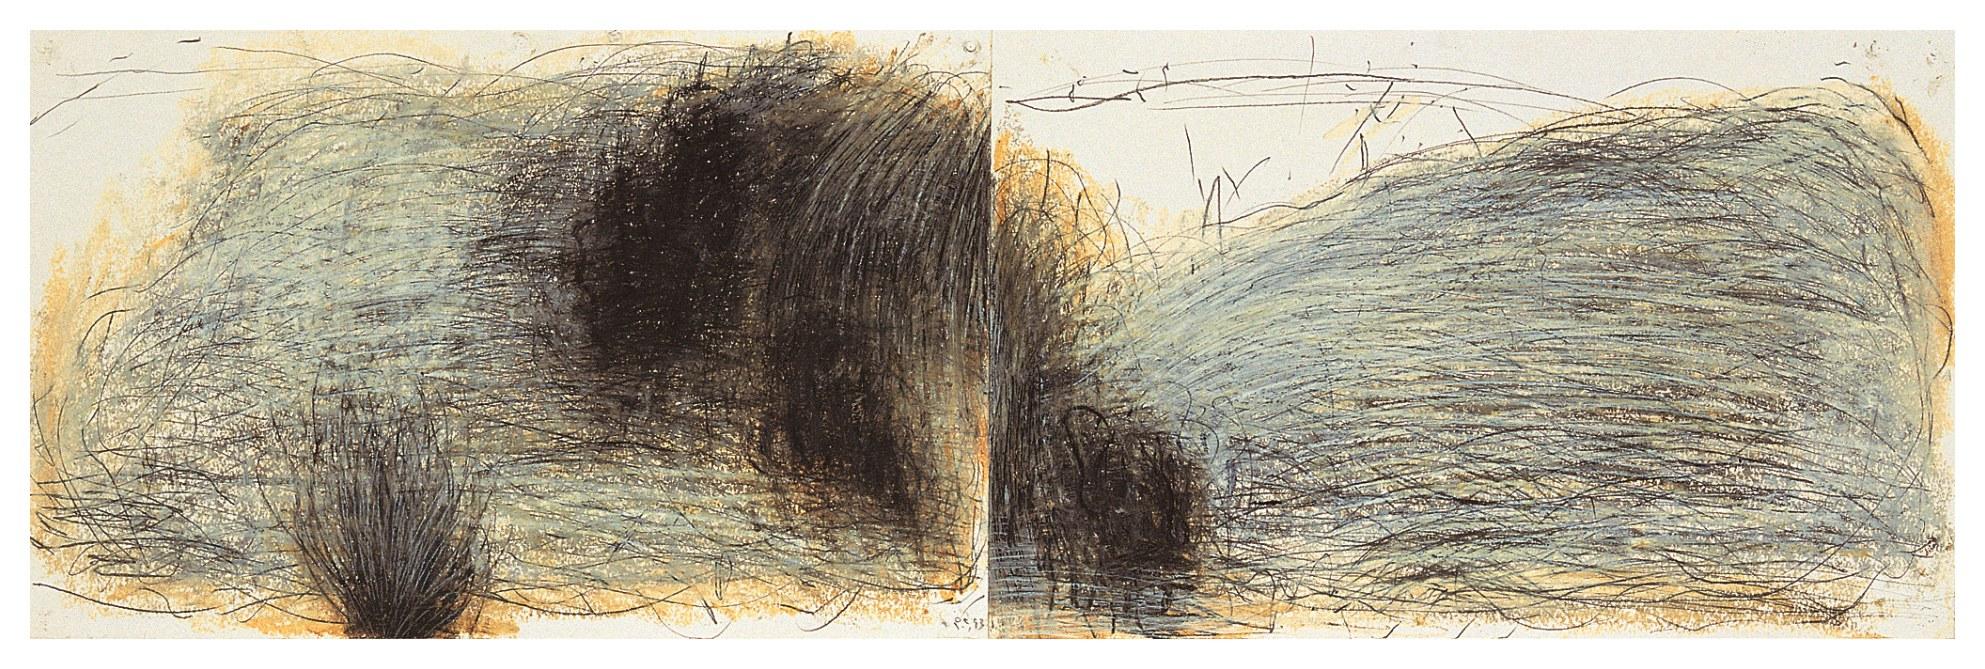 聖巴爾斯島 St. Barth 93-09 1993 油彩、畫紙 61cm x 194cm